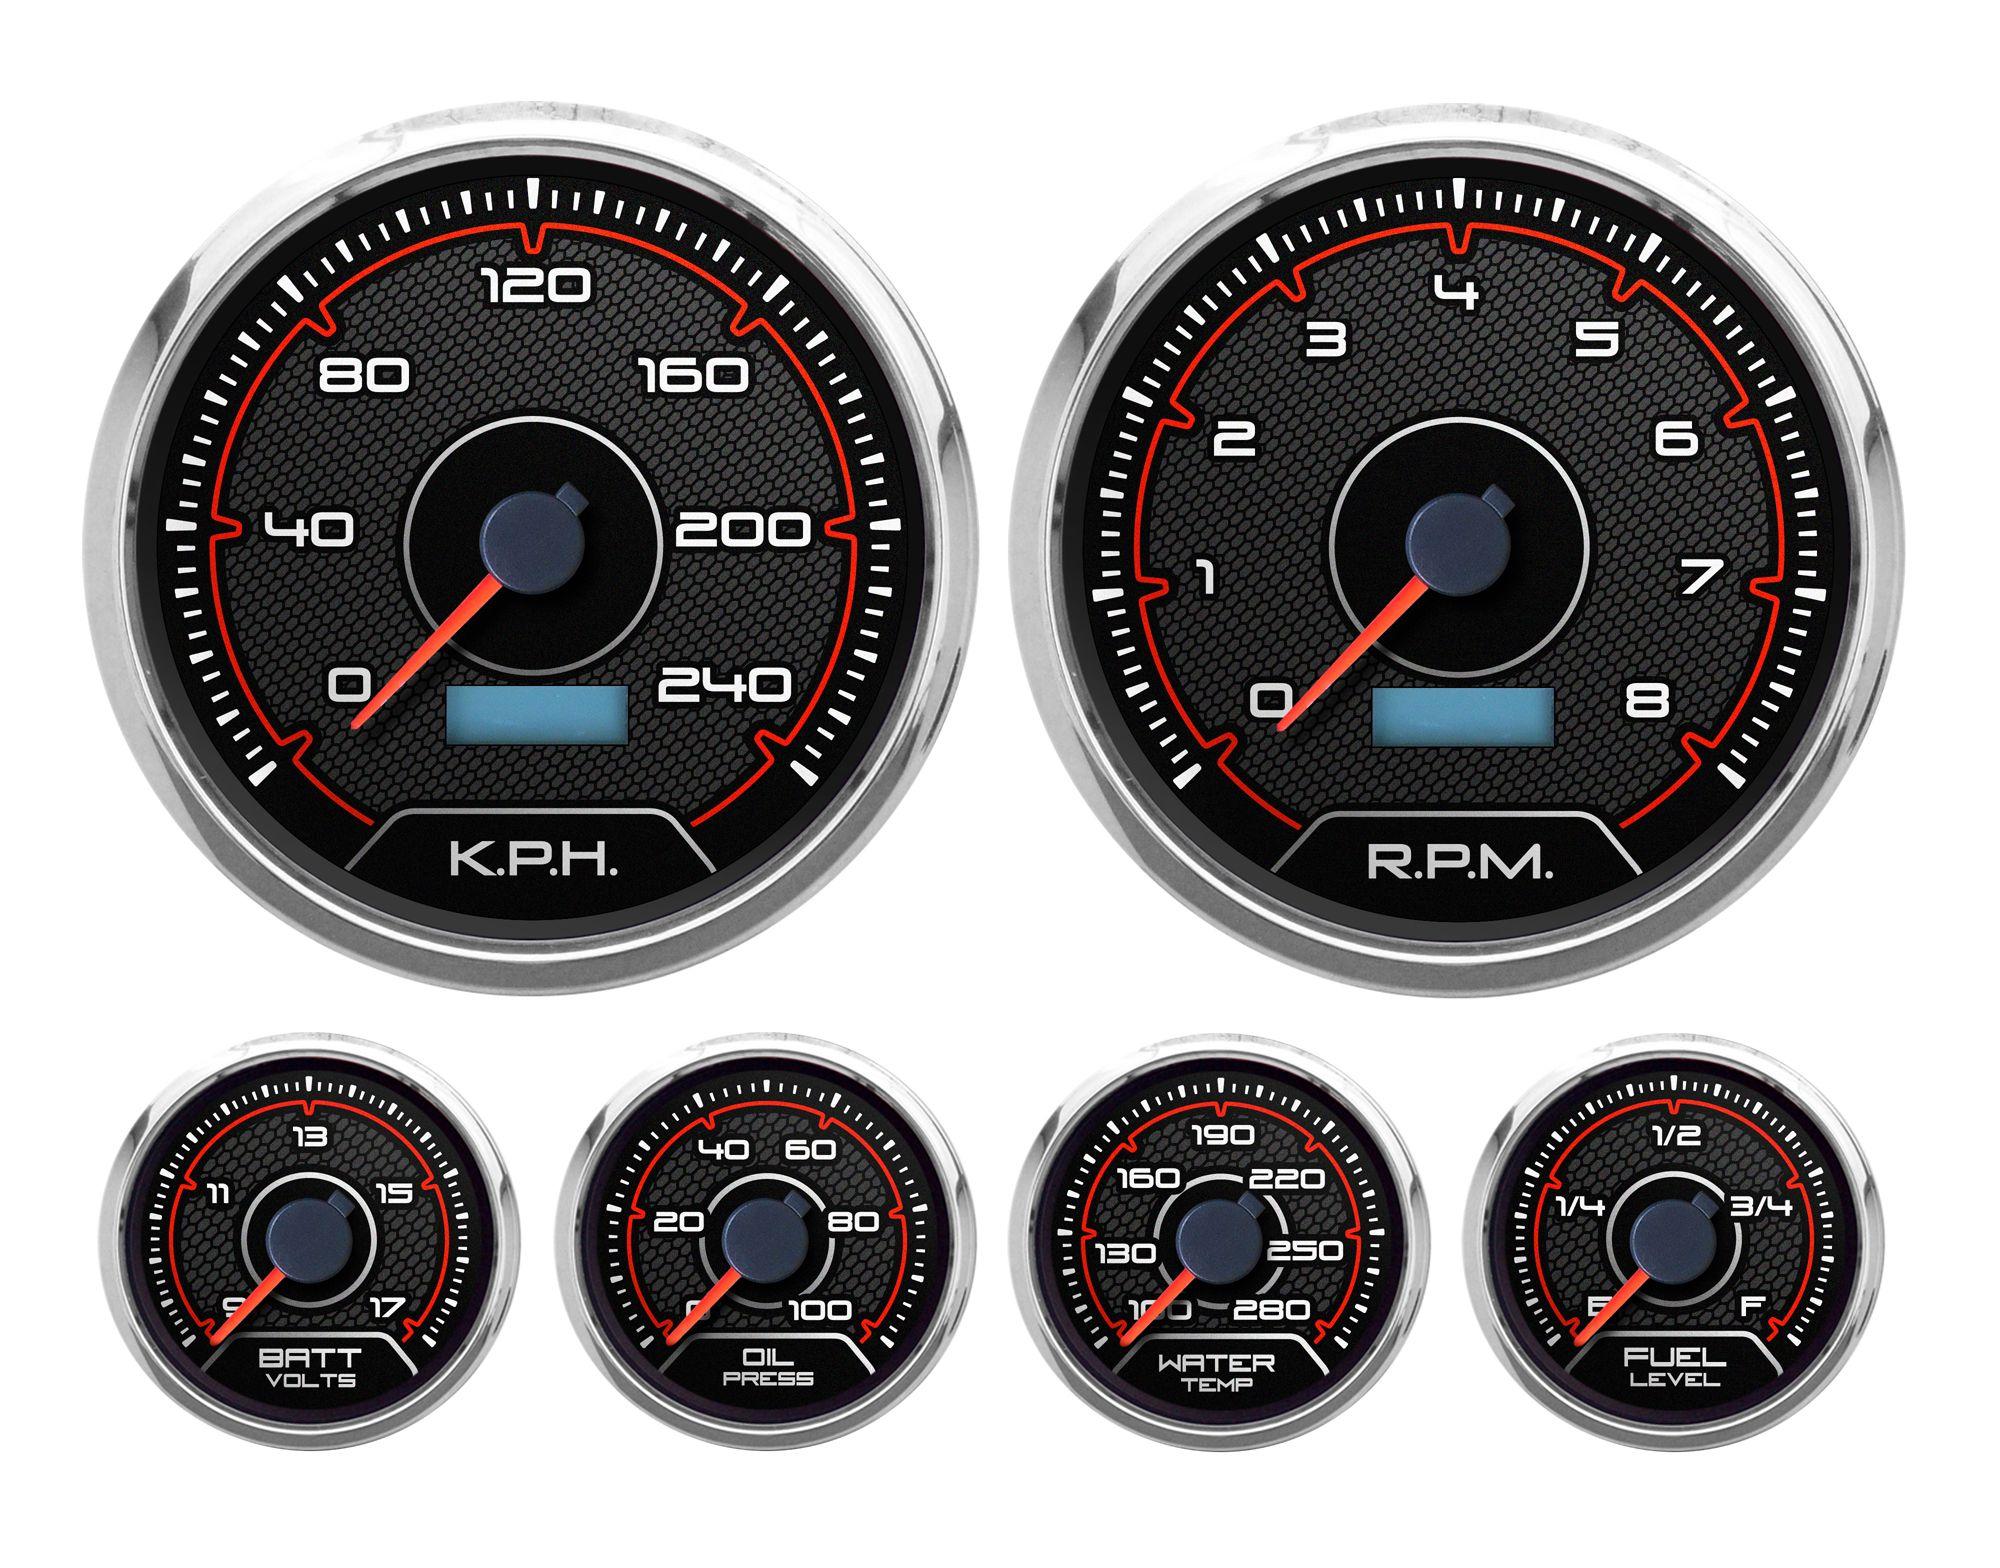 CFR 6 gauge kit 240 KPH new pro-touring gauges | NVU gauges | Gauges